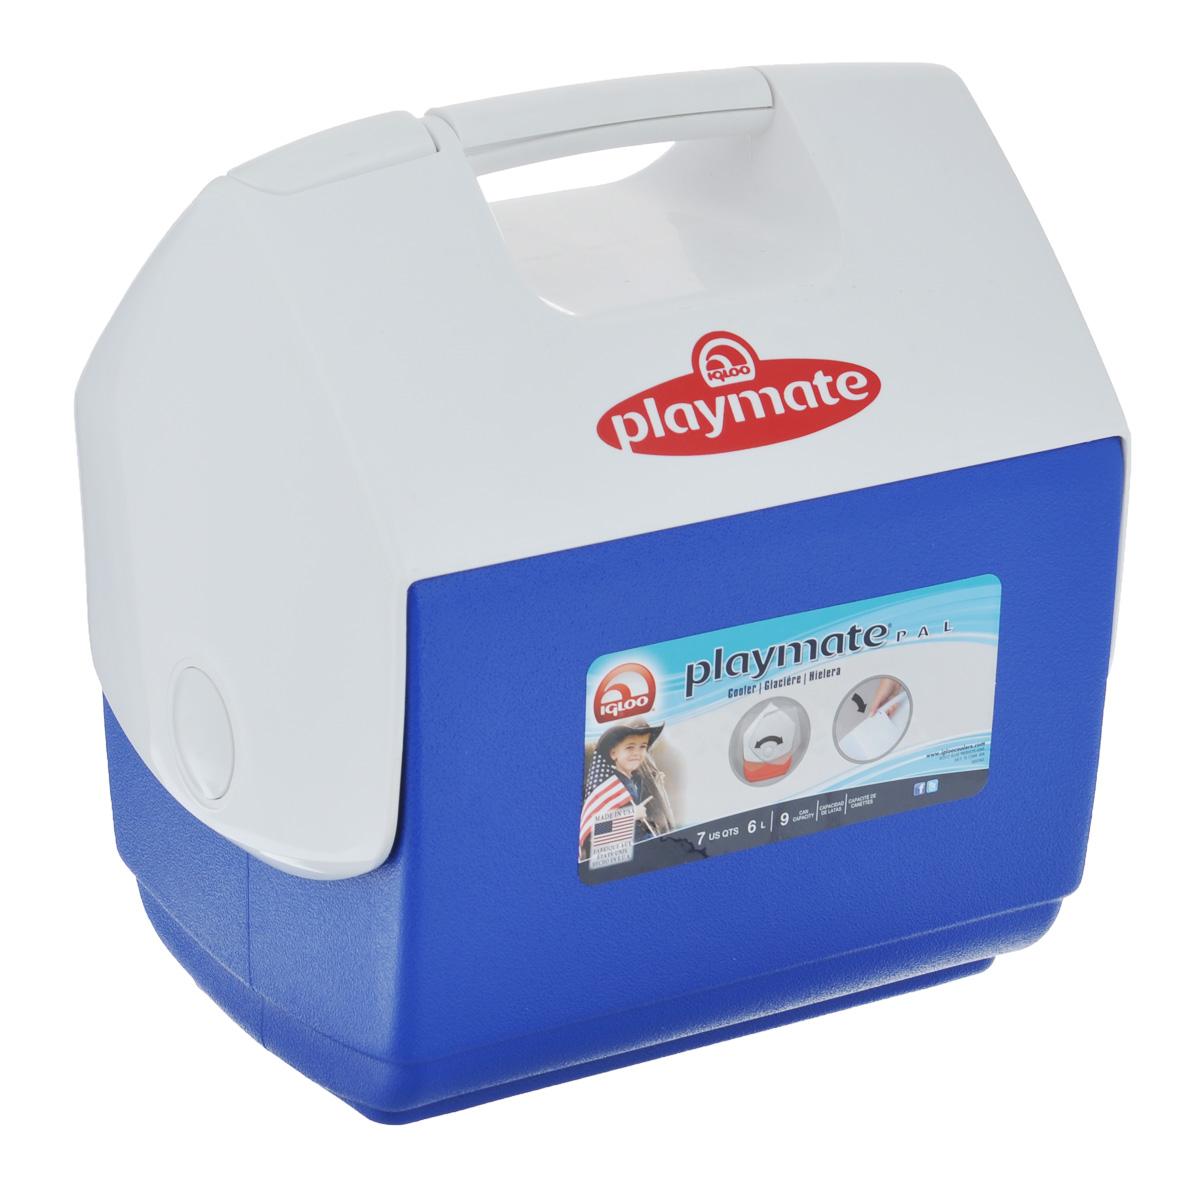 Изотермический контейнер Igloo Playmate Pal, цвет: синий, 6 л7363 синийЛегкий и прочный изотермический контейнер Igloo Playmate Pal, изготовленный из высококачественного пластика, предназначен для транспортировки и хранения продуктов и напитков. Для поддержания температуры использовать с аккумуляторами холода. Особенности изотермического контейнера Igloo Playmate Pal: - оригинальный замок на верхней крышки Playmate-Realise для открывания одной рукой; - крышка распахивается, обеспечивая легкий доступ к содержимому; - фирменный дизайн Playmate; - защелка надежно фиксирует крышку; - UltraTherm изоляция корпуса и крышки сохраняет содержимое холодным; - эргономичный гладкий дизайн корпуса; - экологически чистые материалы. Размер контейнера: 27 см х 21 см х 29,5 см. Объем контейнера: 6 л.